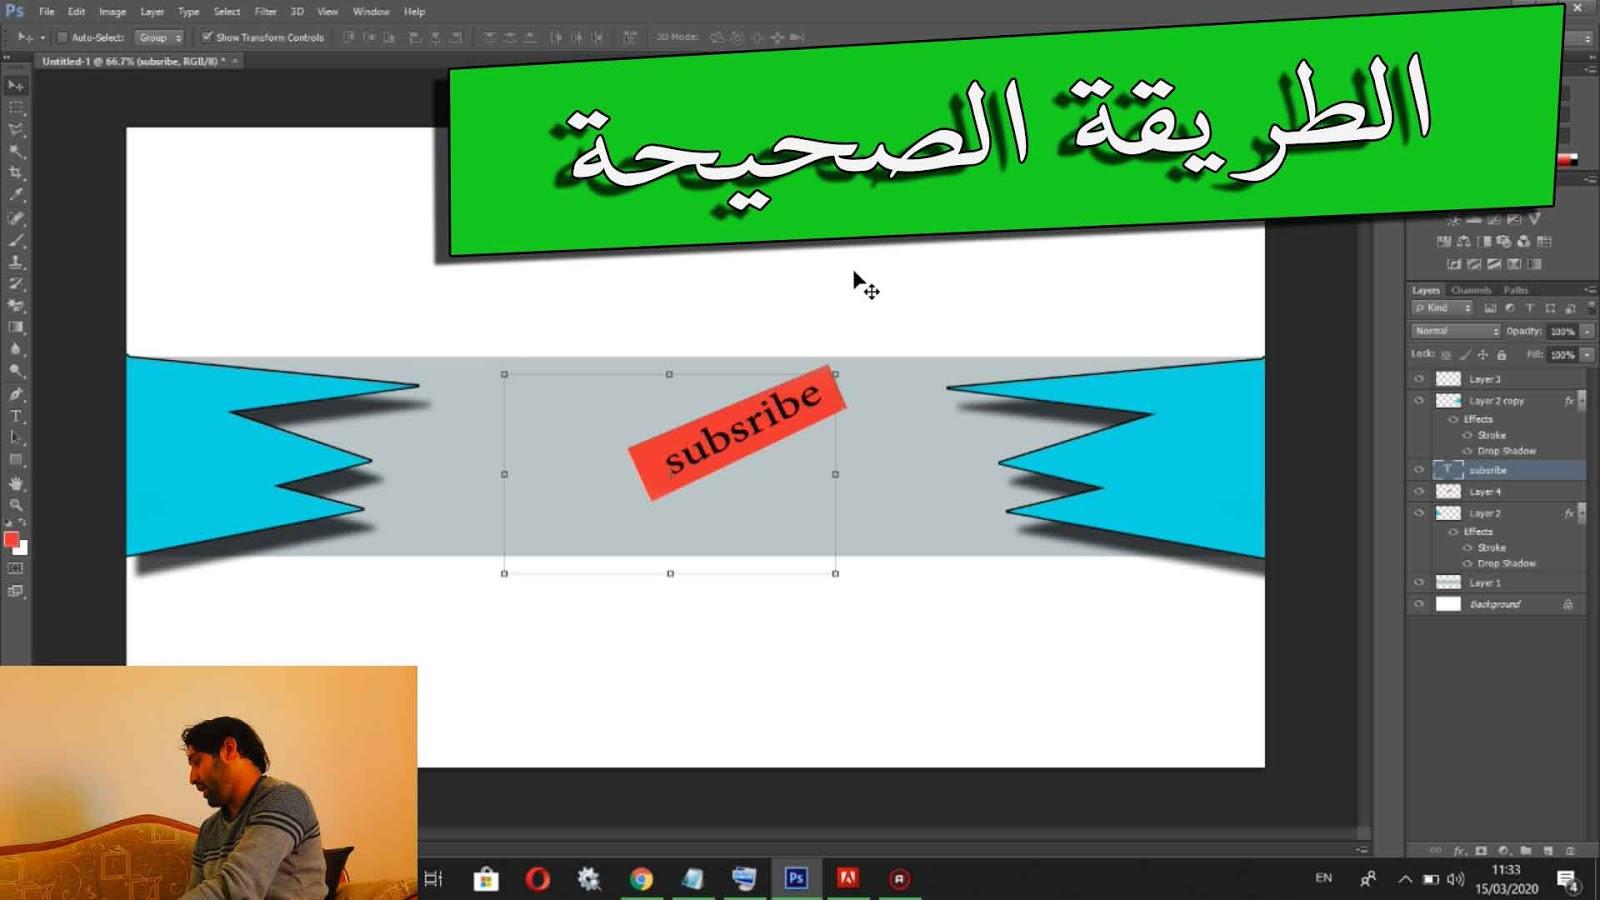 تصميم خلفية او غلاف لقناة اليوتيوب بكل سهوله و بالطريقة الصحيحة